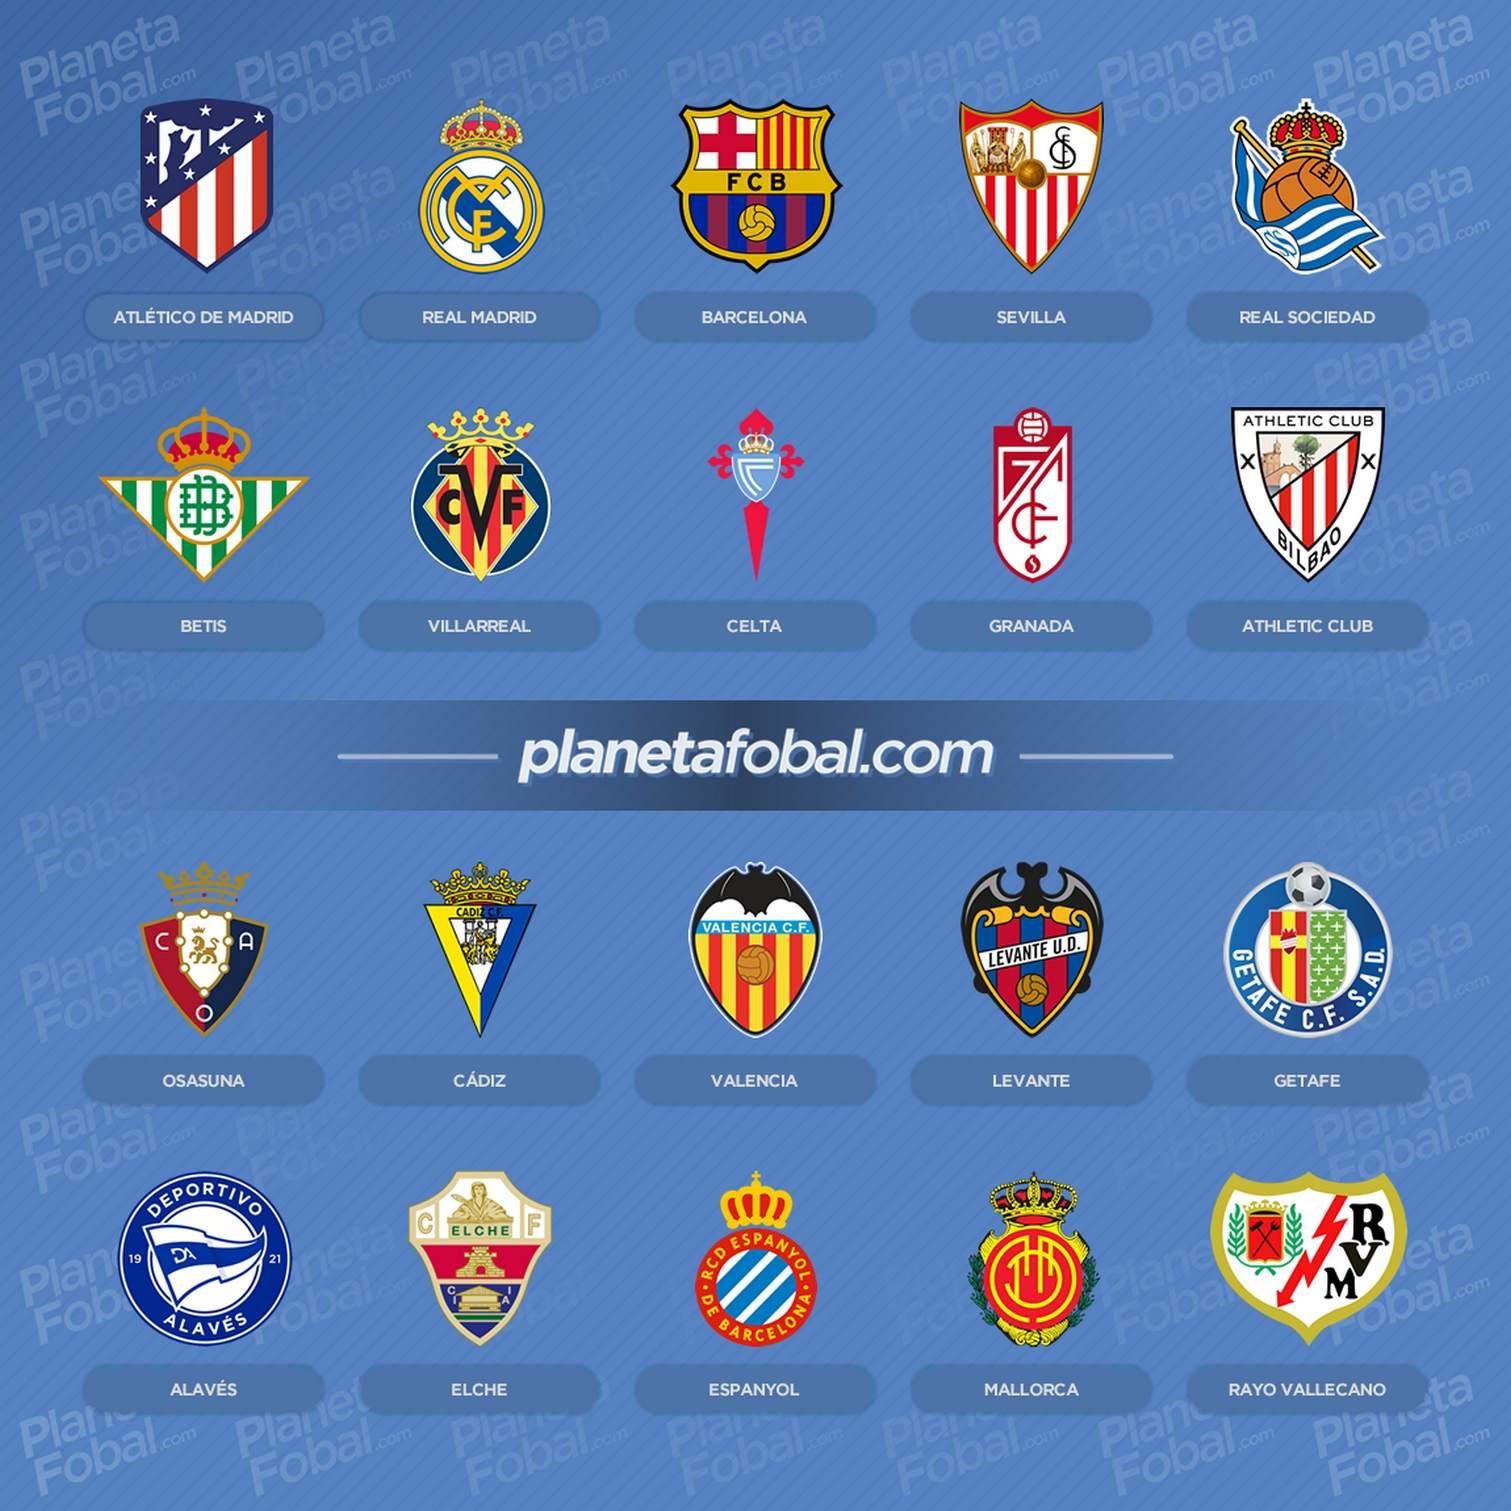 Equipos de LaLiga 2021/2022